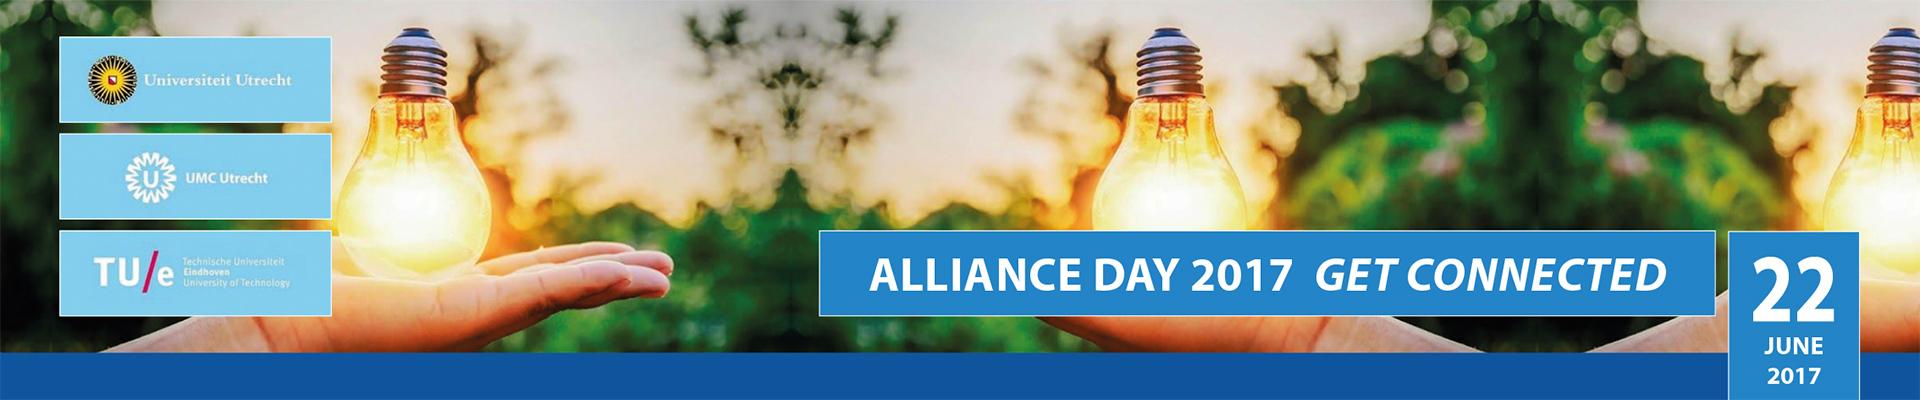 Alliance Day 2017